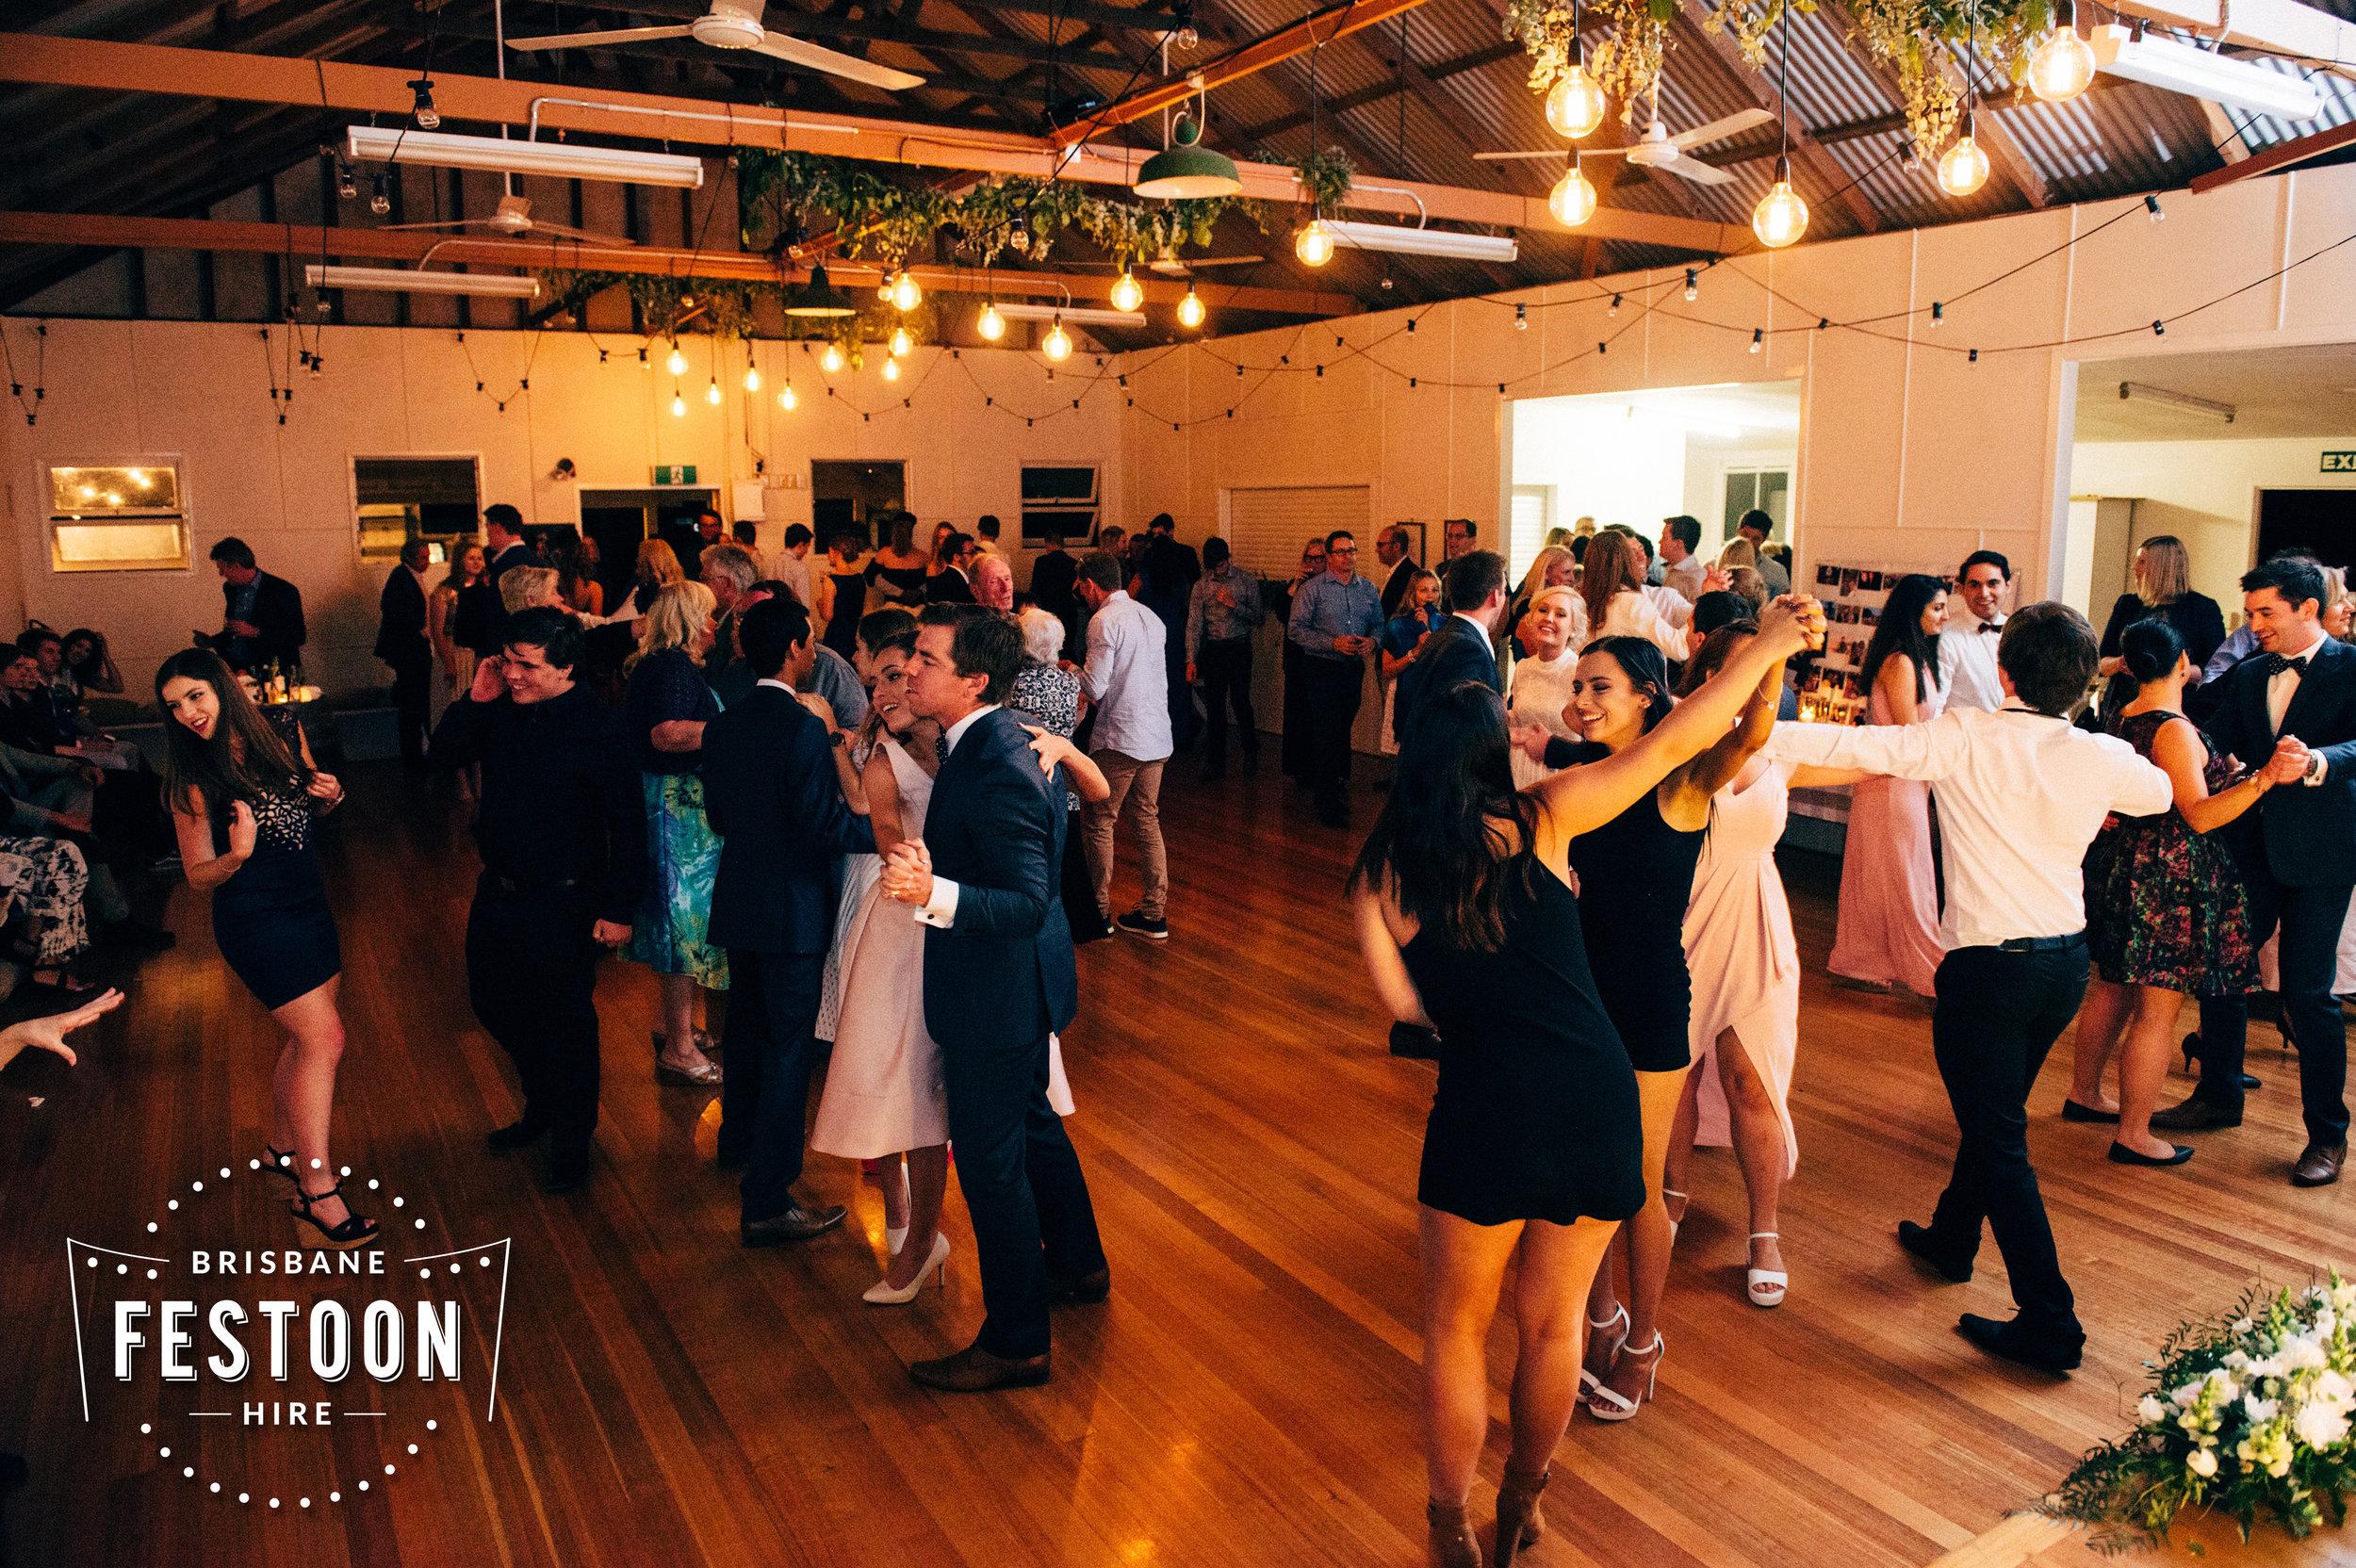 Brisbane Festoon Hire - Pullenvale Hall 5.jpg